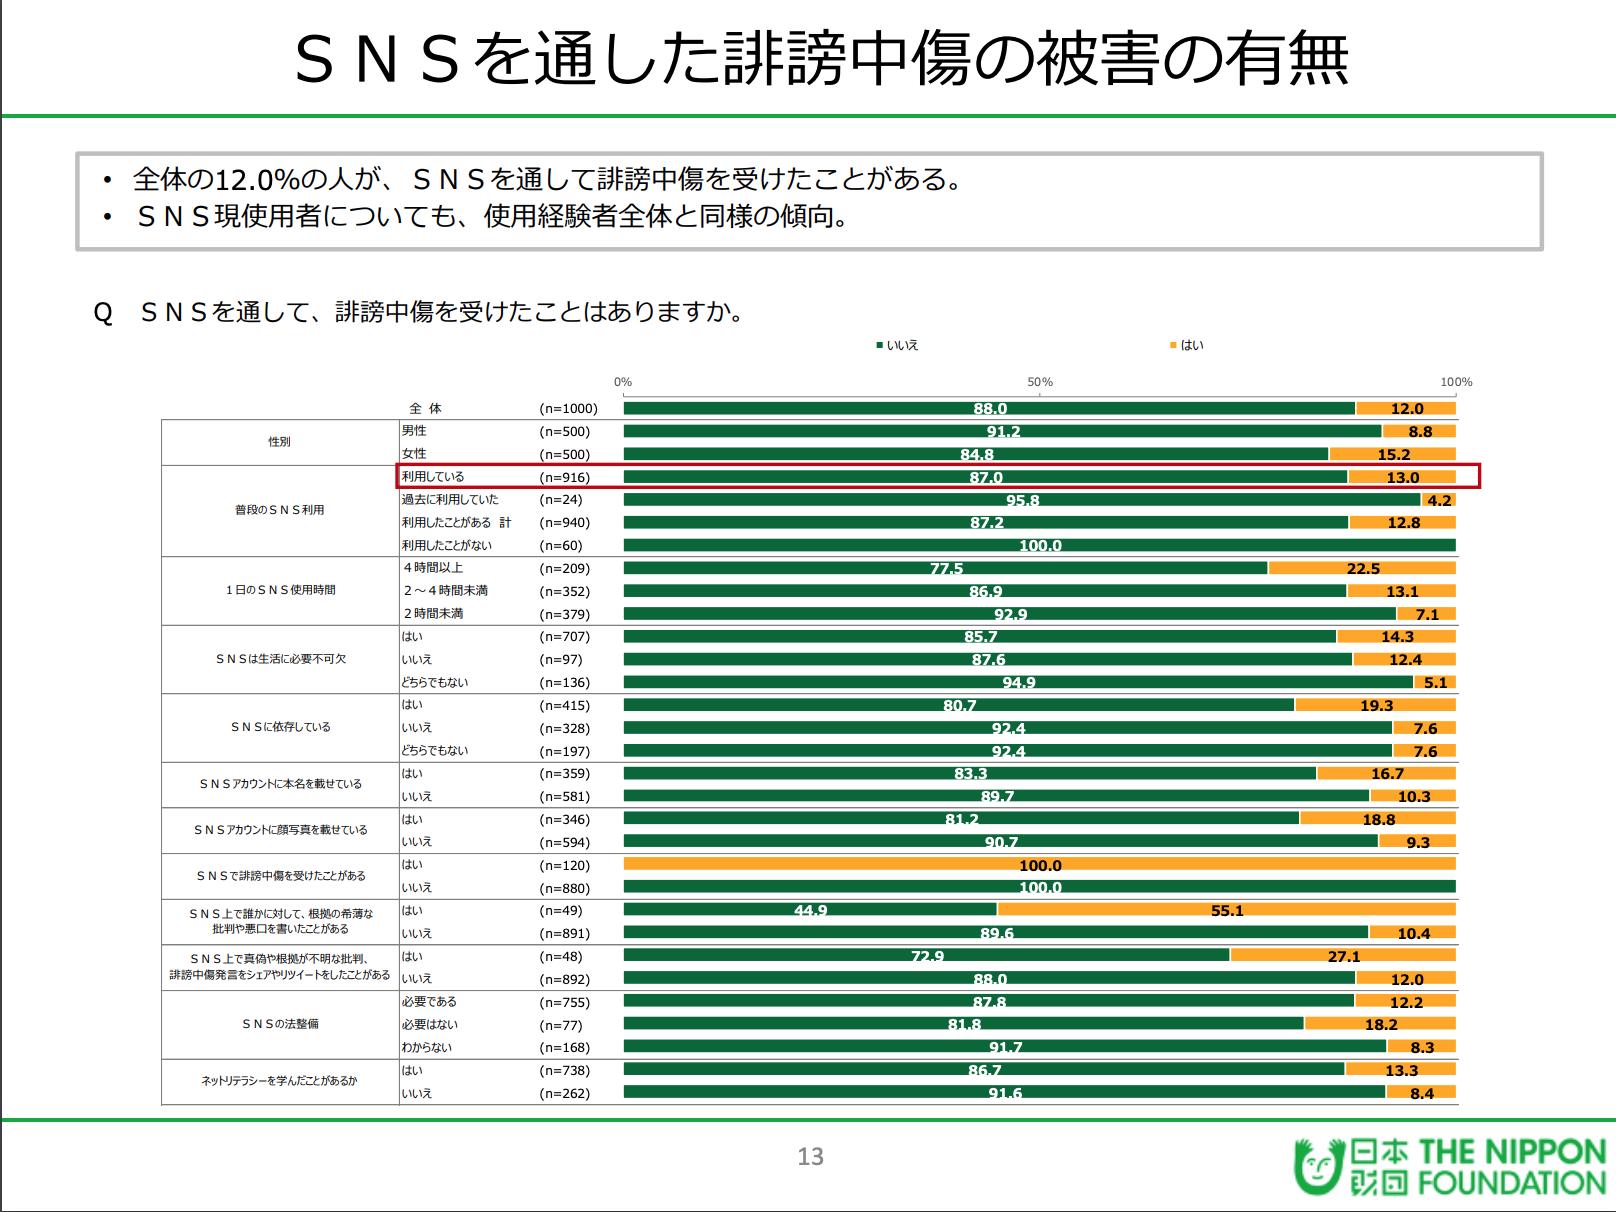 第28回18歳意識調査「テーマ:SNS」調査報告書(PDF / 1MB)